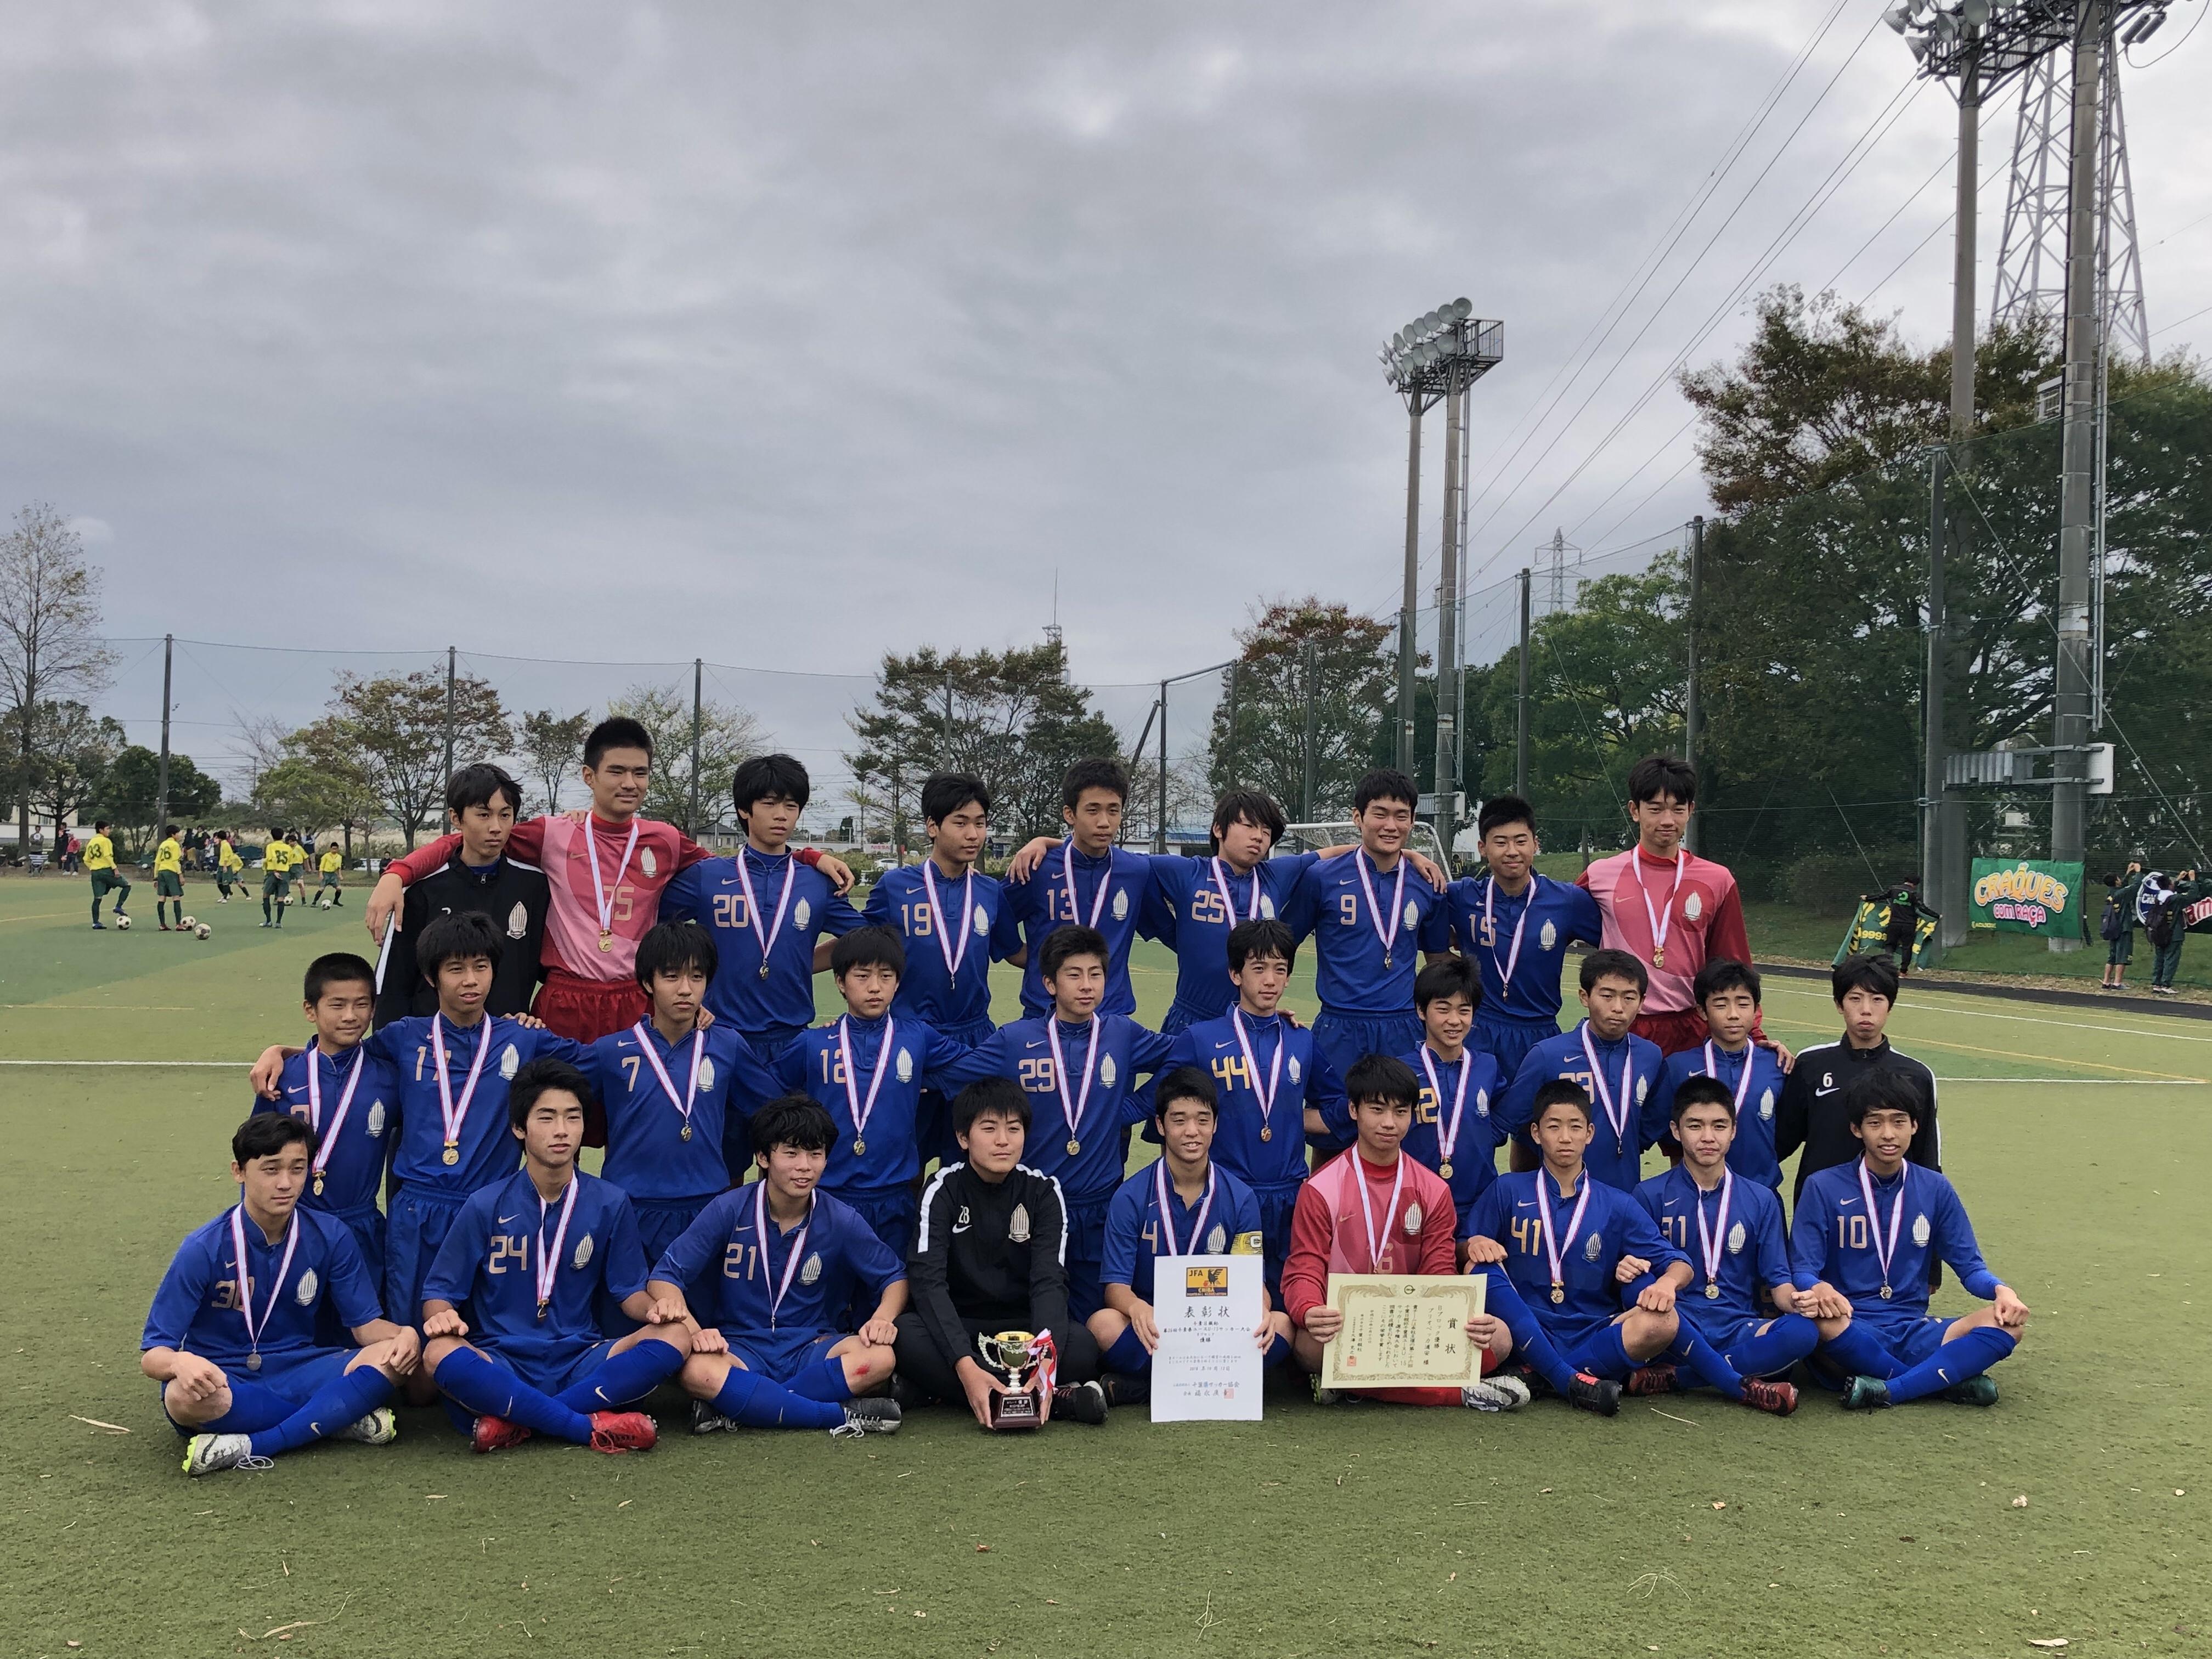 2020 関東 高円宮 杯 大会